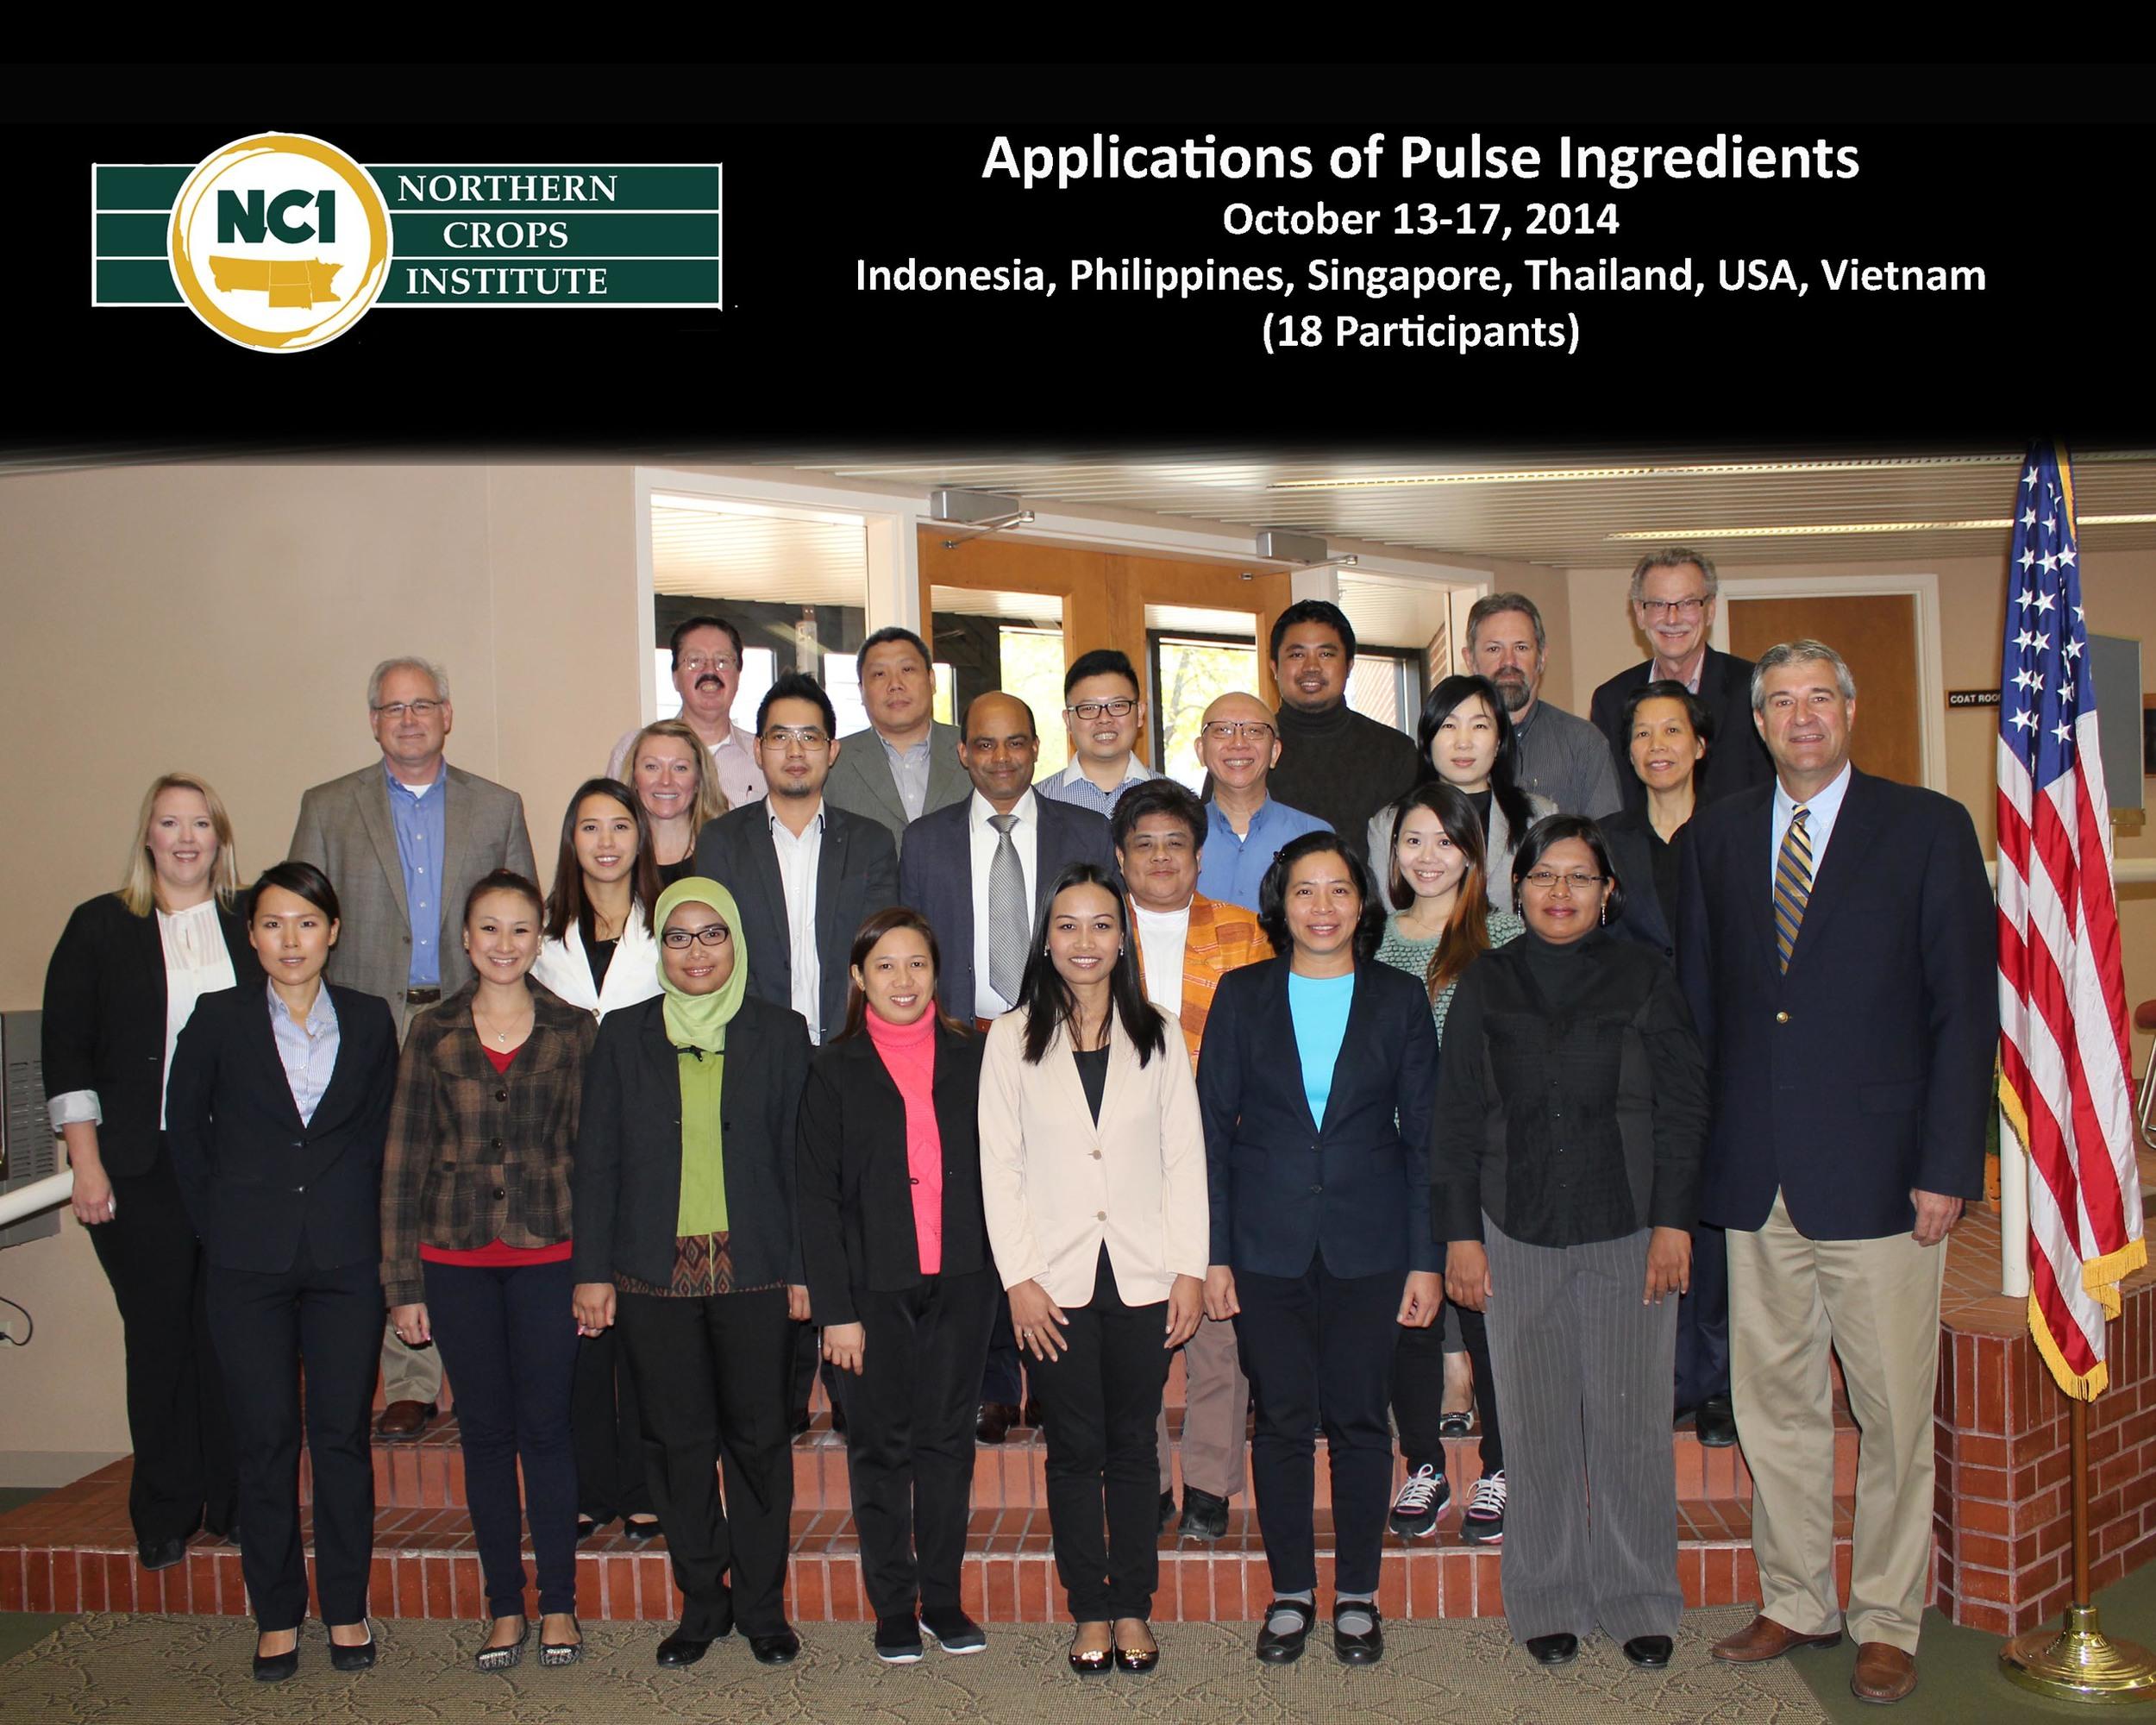 2014 Applications of Pulse Ingredients SC1.jpg